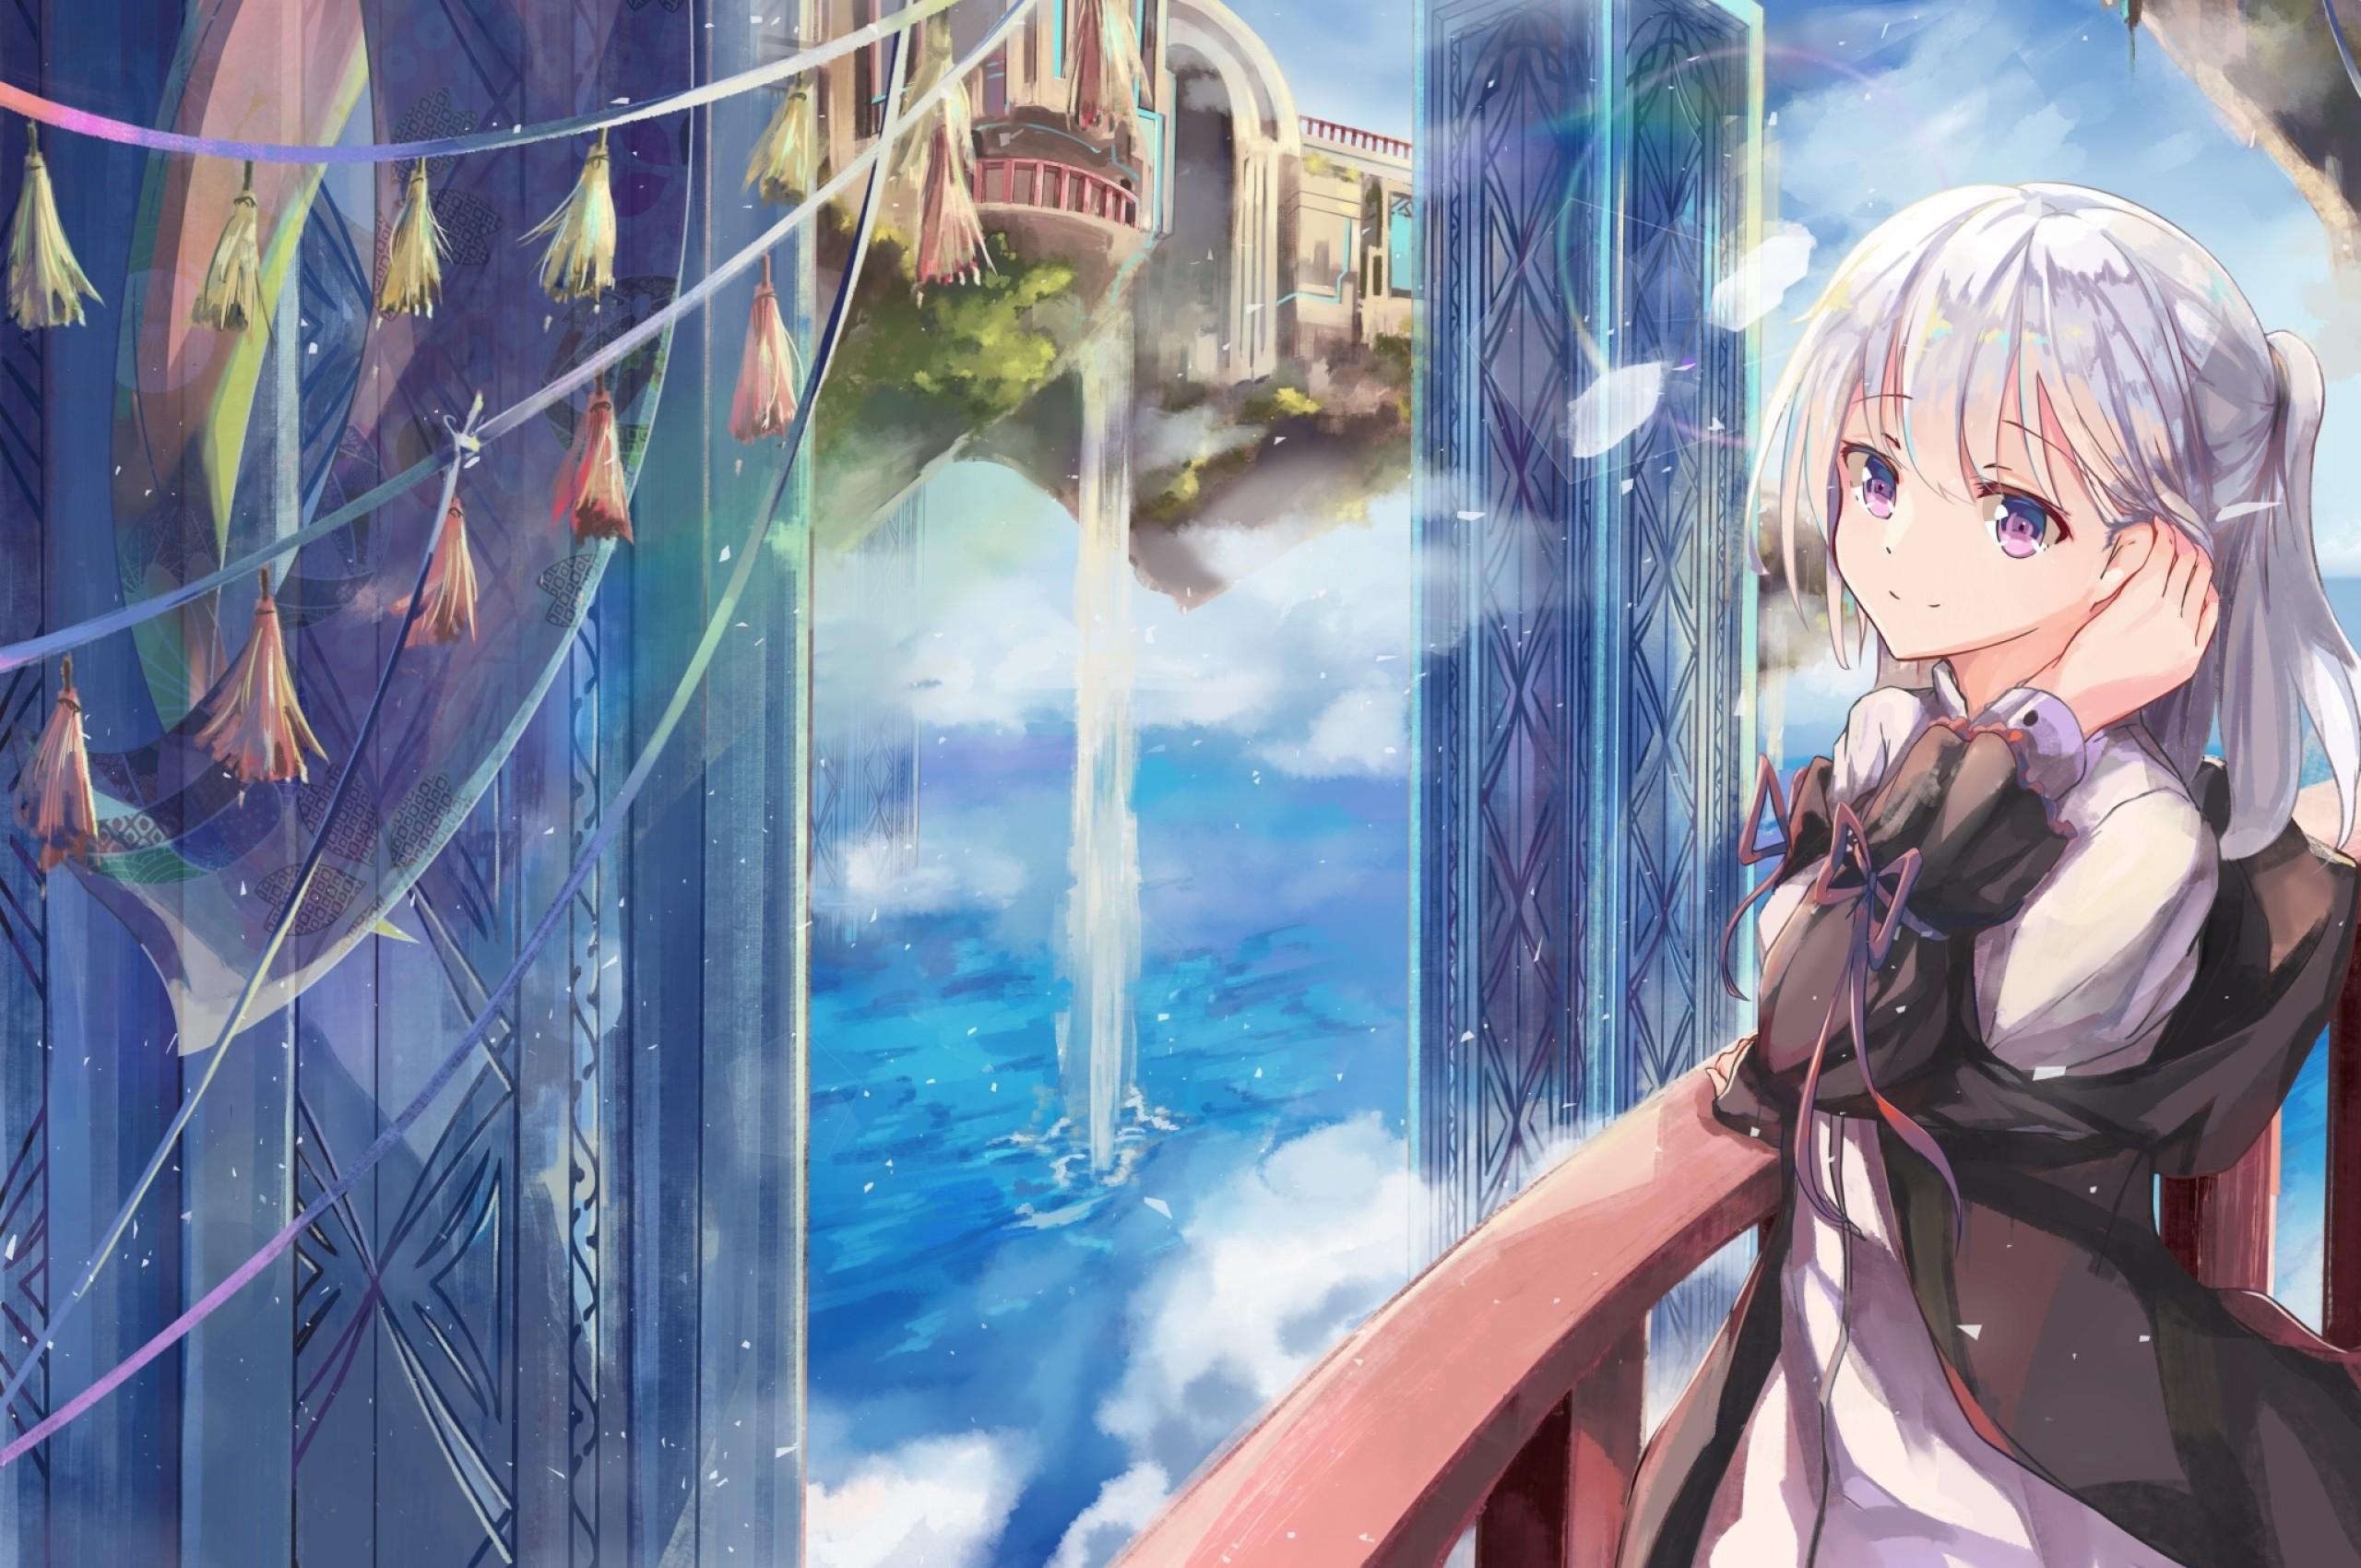 Hình ảnh anime tóc bạch kim thiếu nữ mắt tím xinh xắn